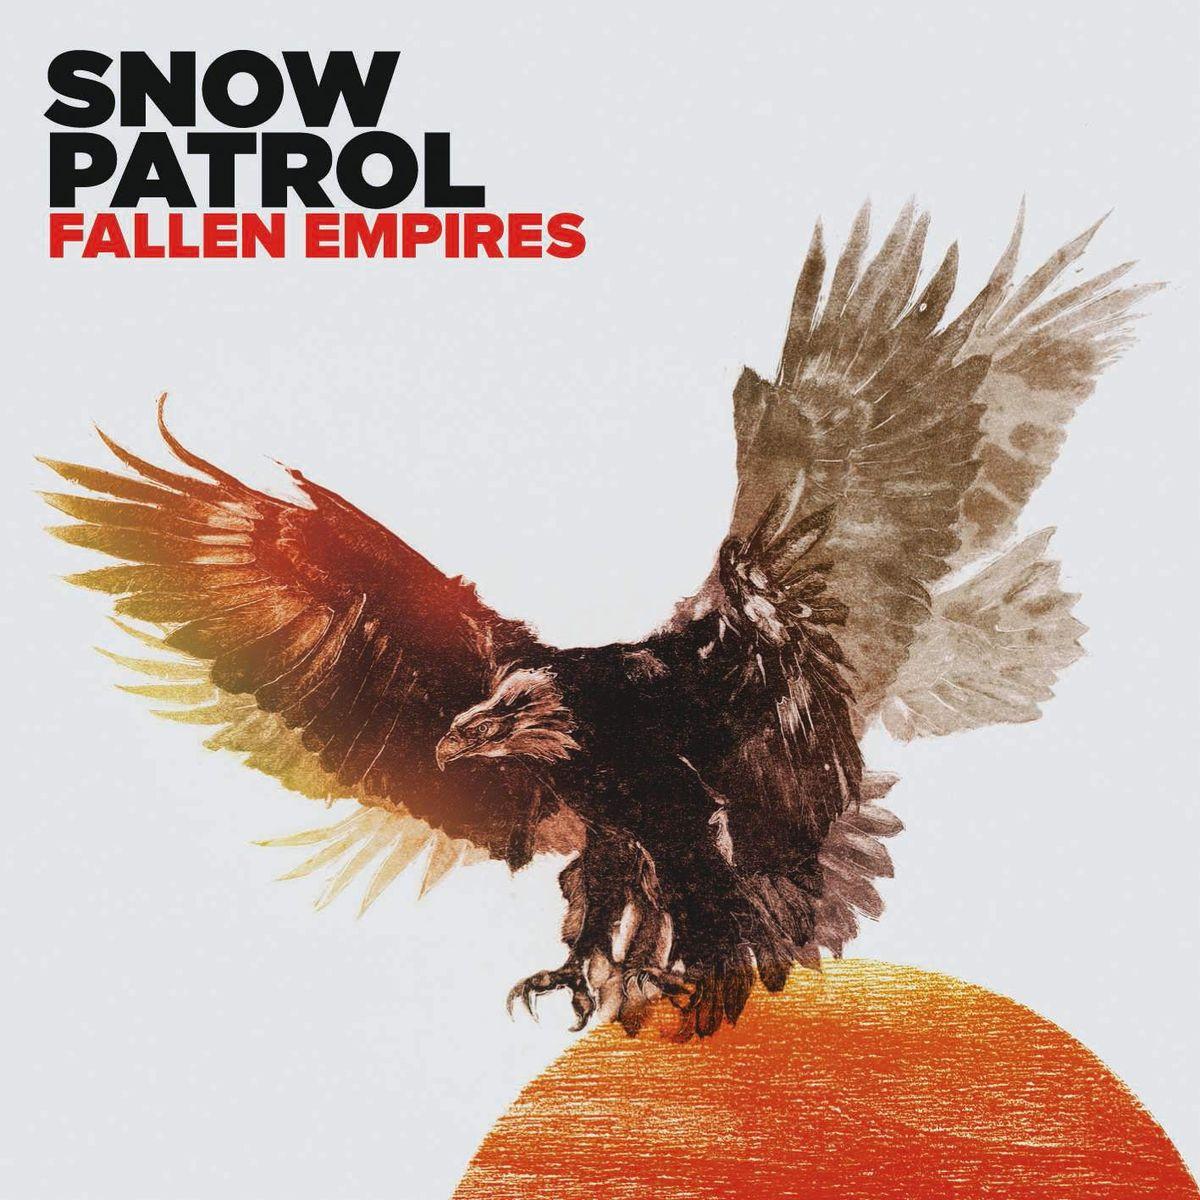 Snow Patrol Snow Patrol. Fallen Empires (2 LP) snow patrol snow patrol fallen empires 2 lp